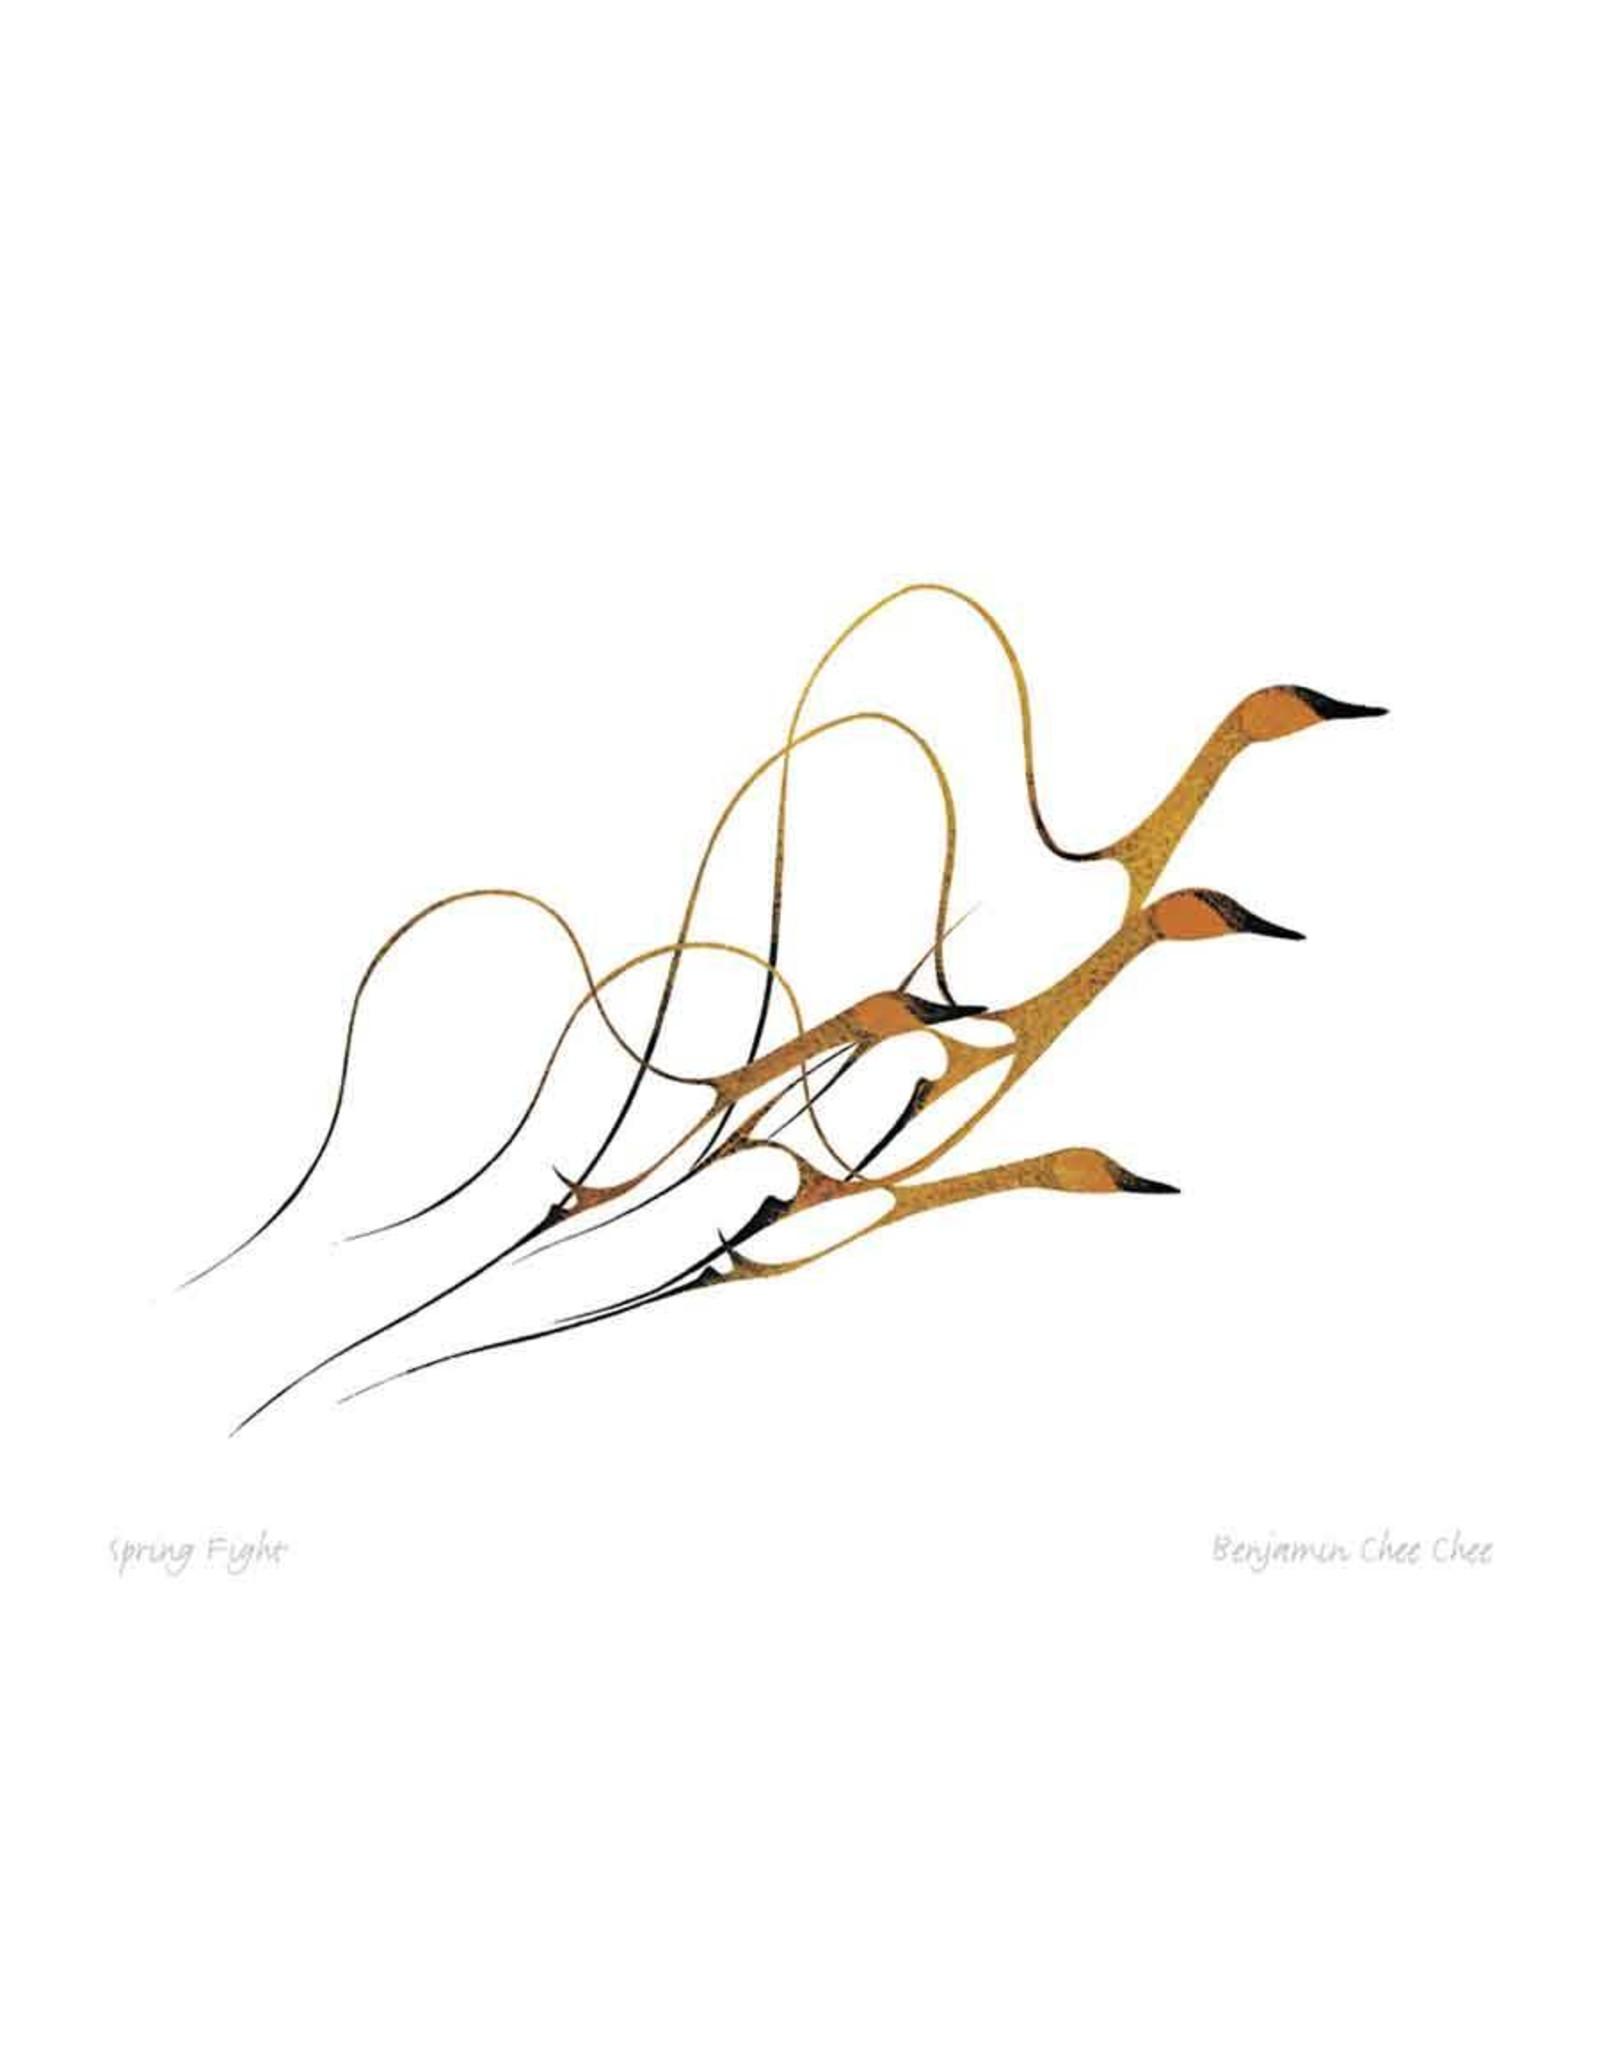 Spring Flight par Benjamin Chee Chee Montée sur Passe-Partout